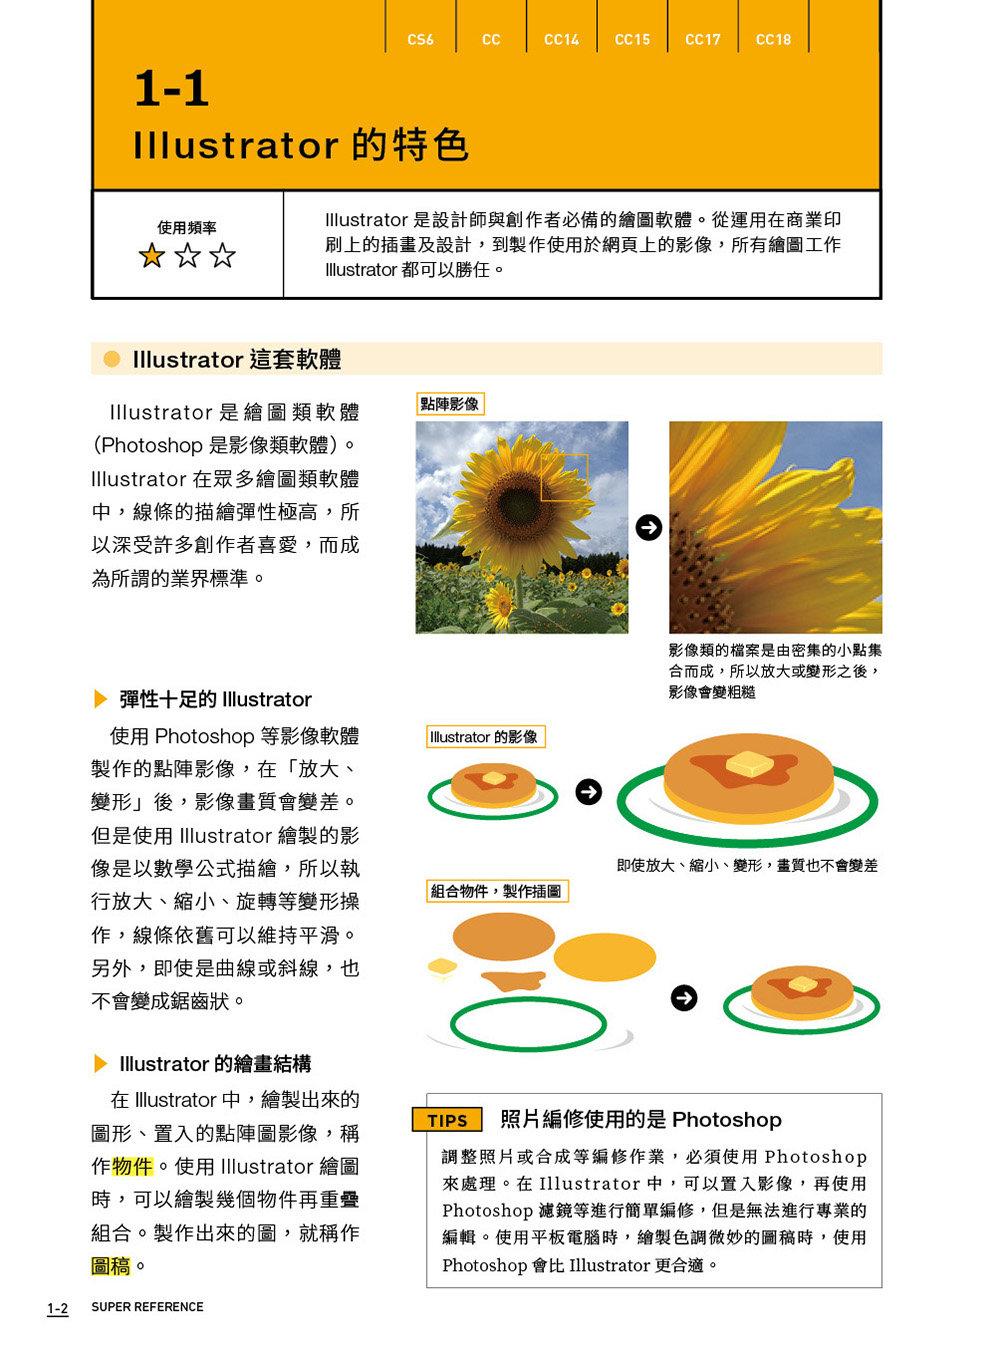 自學必備!Illustrator 超級參考手冊:零基礎也能看得懂、學得會-preview-1